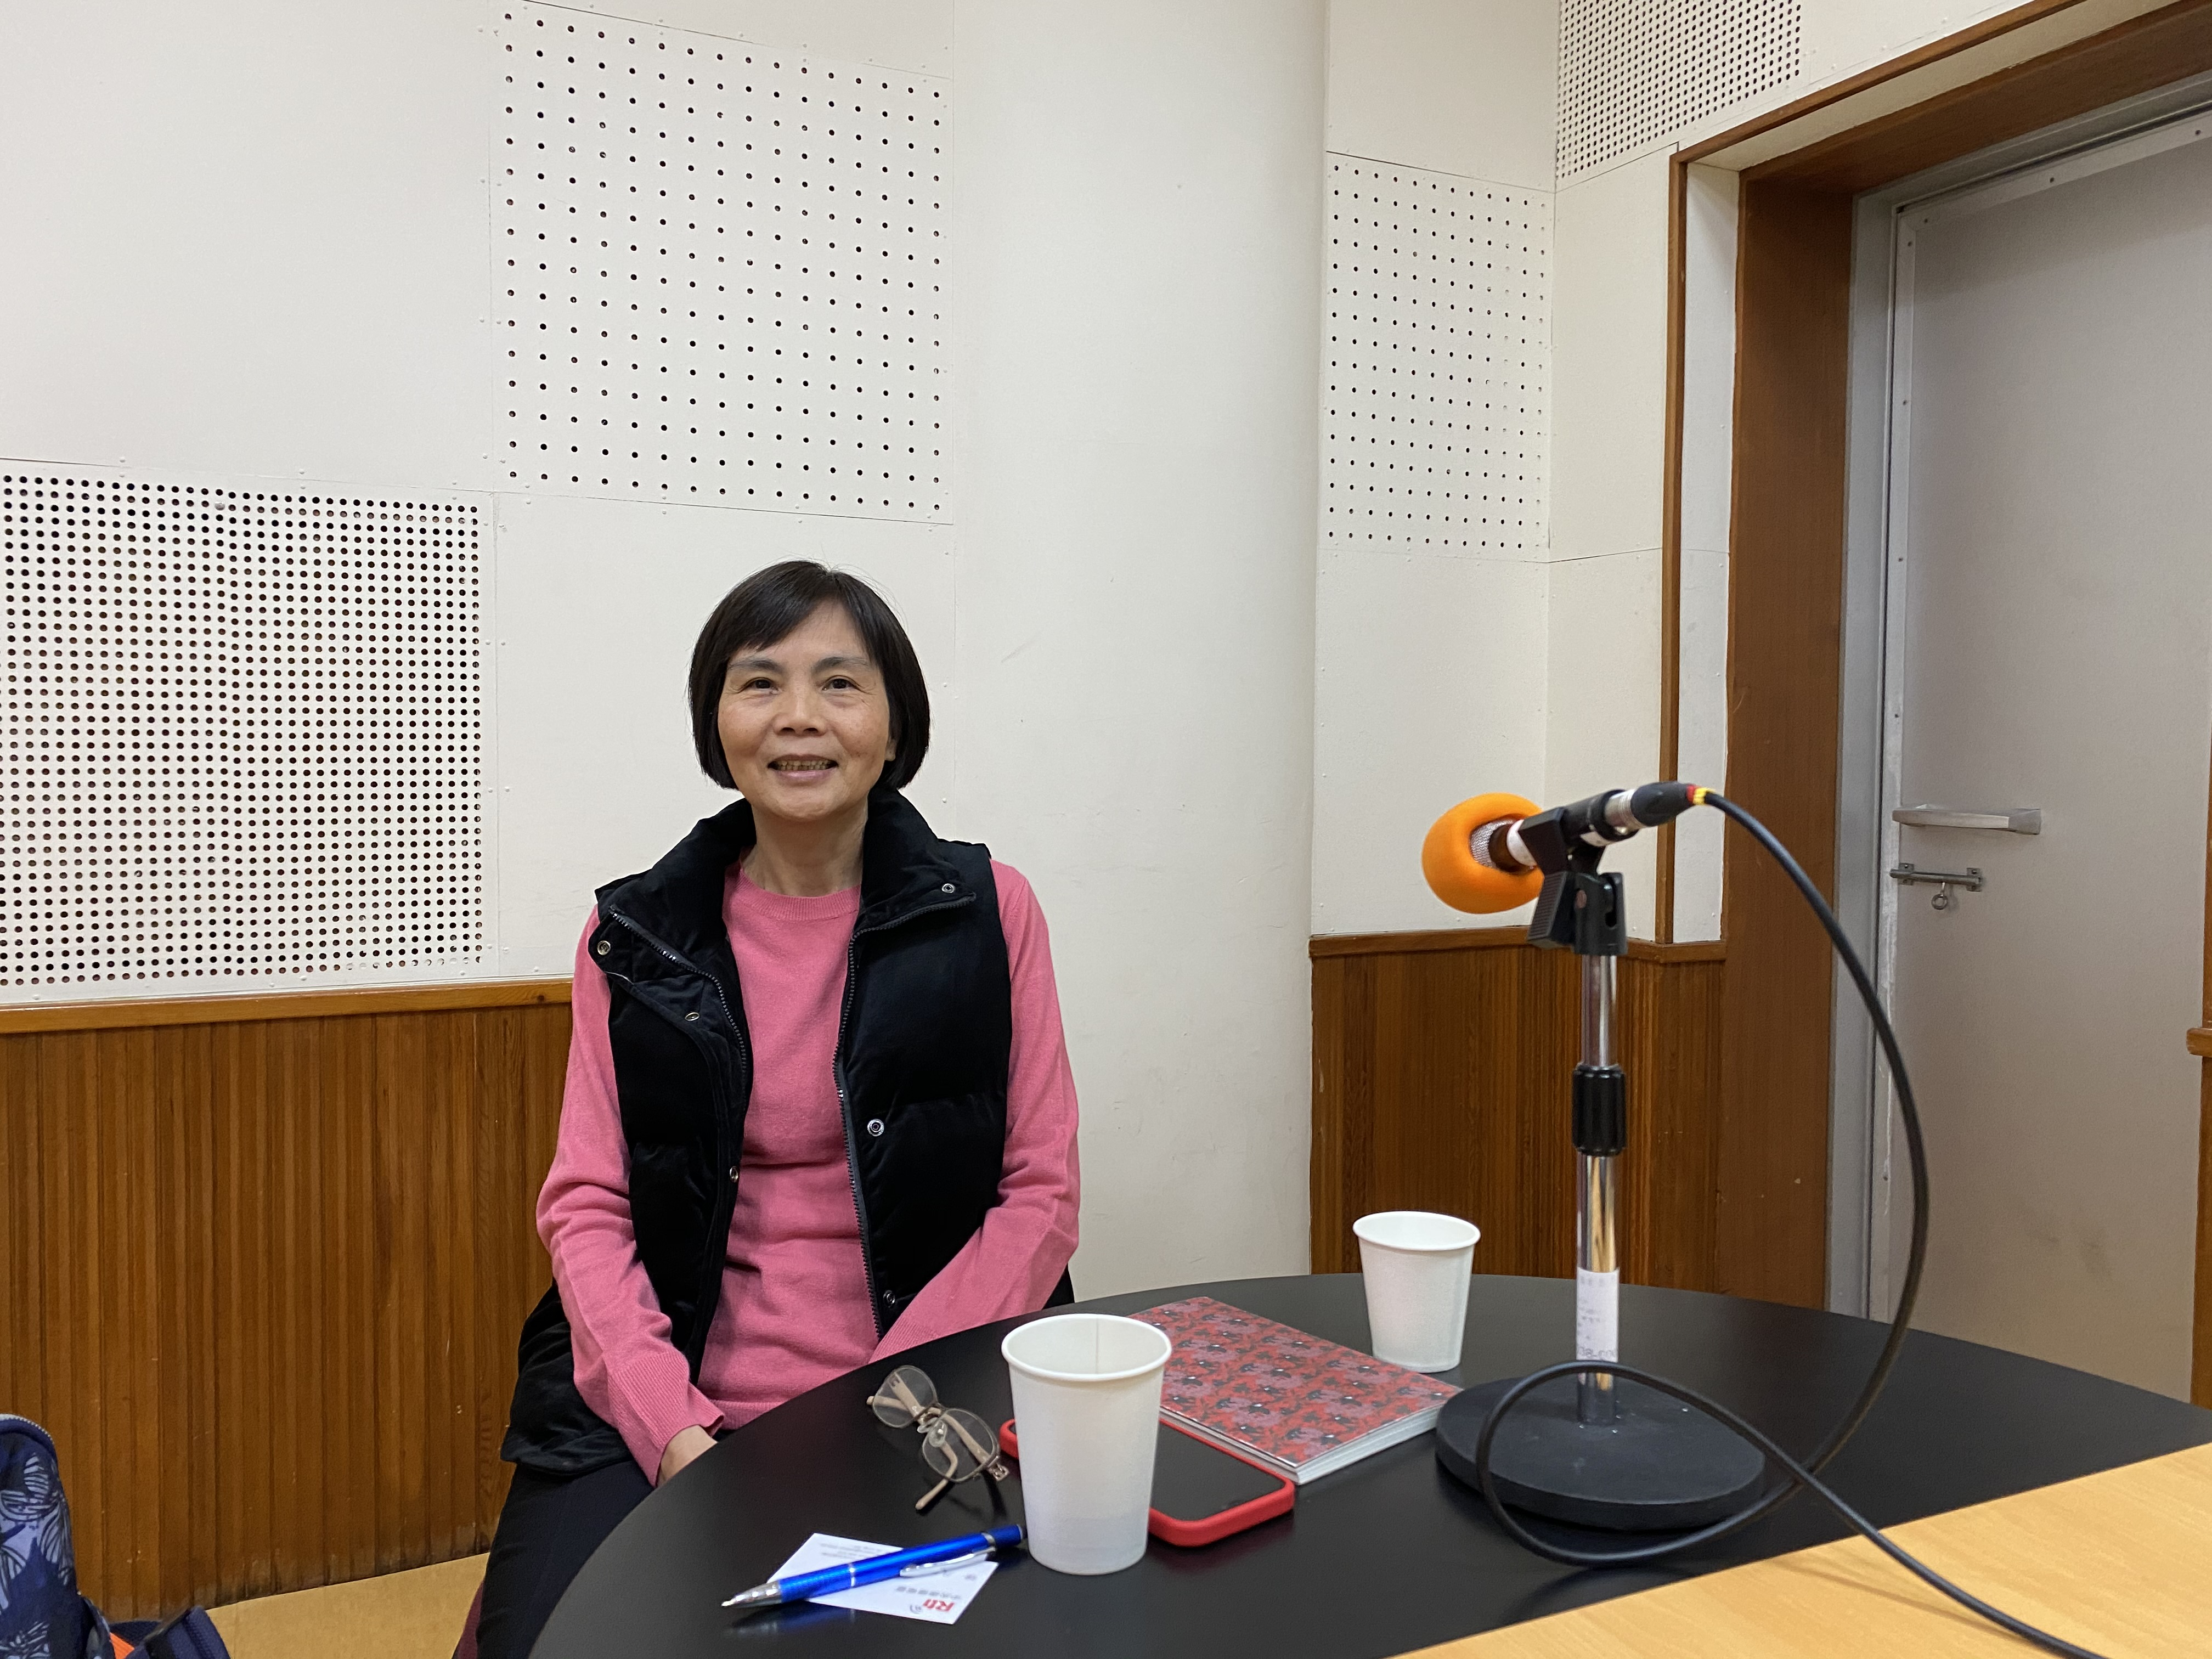 公共圖書館之母陳昭珍 翻轉台灣閱讀想像